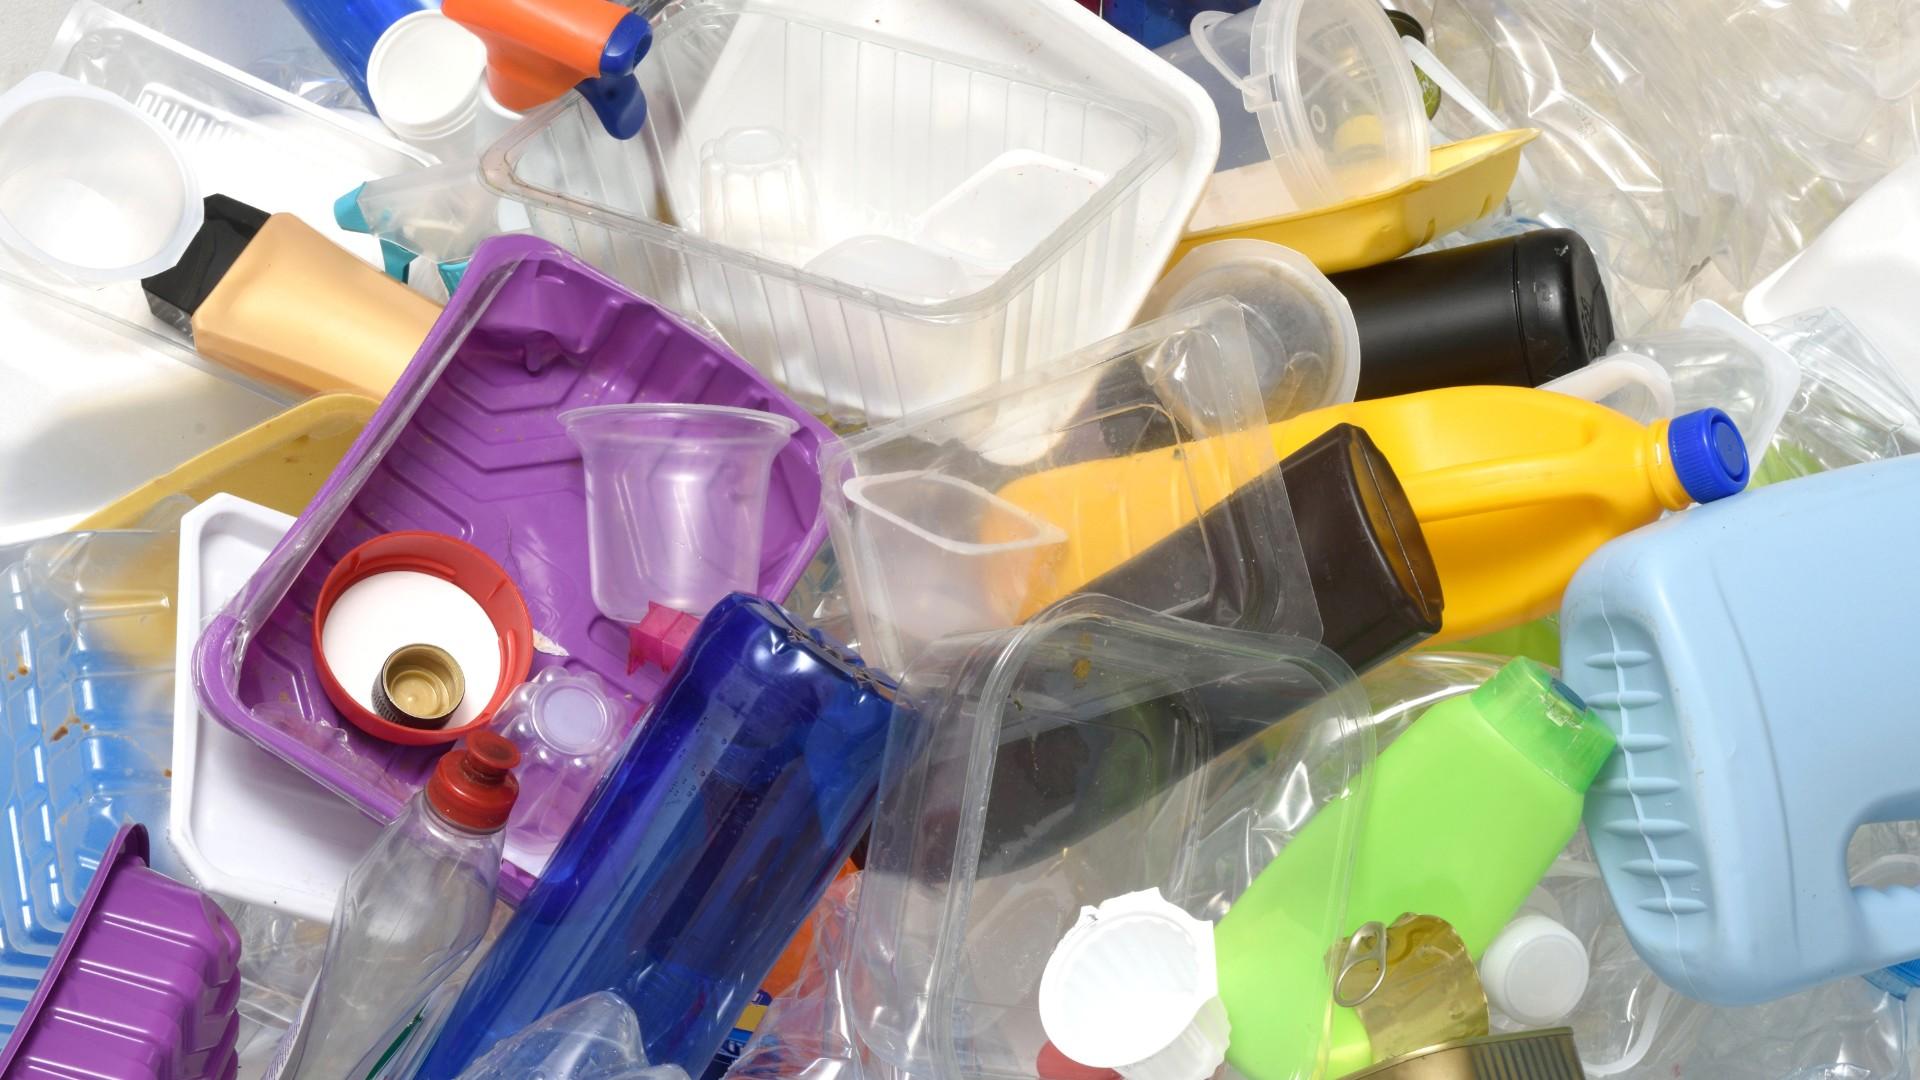 el-gobierno-anuncia-un-impuesto-para-los-envases-de-plastico-de-un-solo-uso